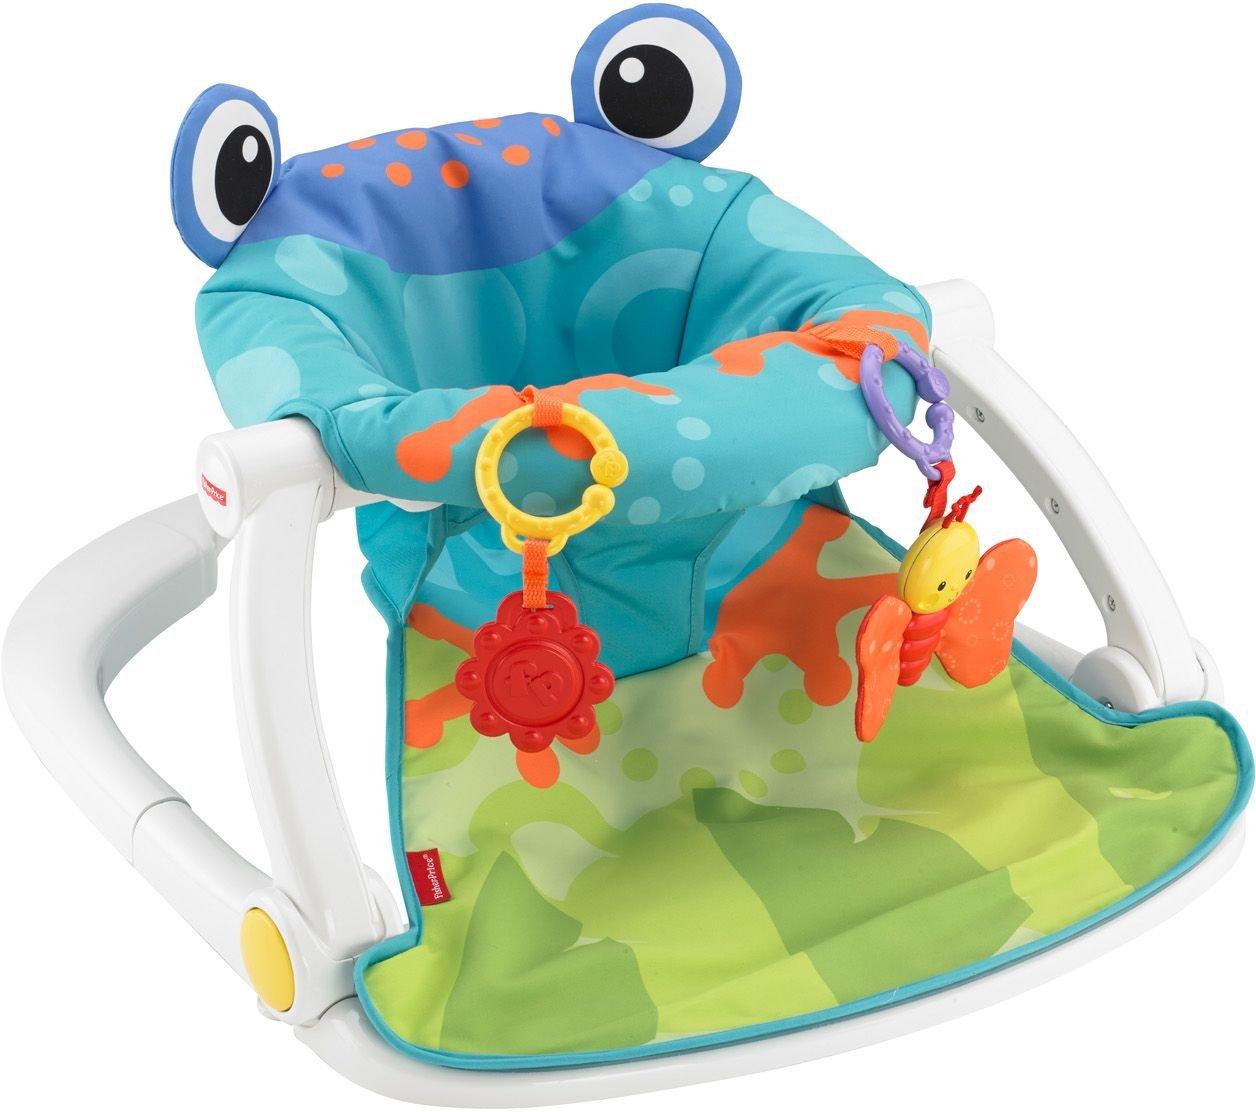 Fisher Price Asiento aprendizaje y diversión Mattel BFB